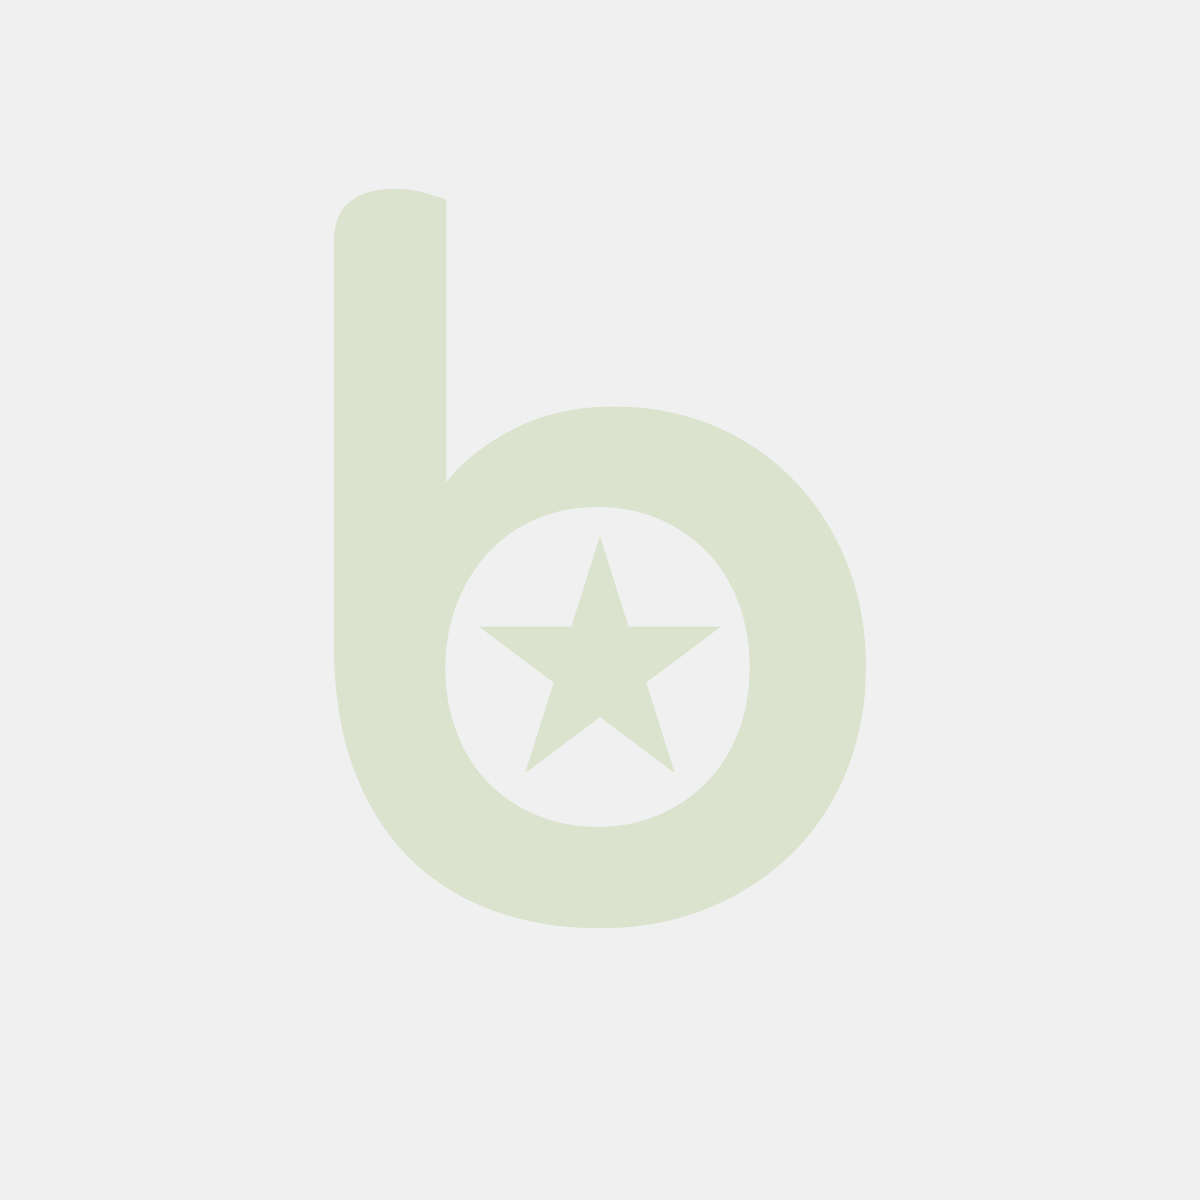 Zakaz wchodzenia z lodami B2 - 105 x 105mm GB040B2FN